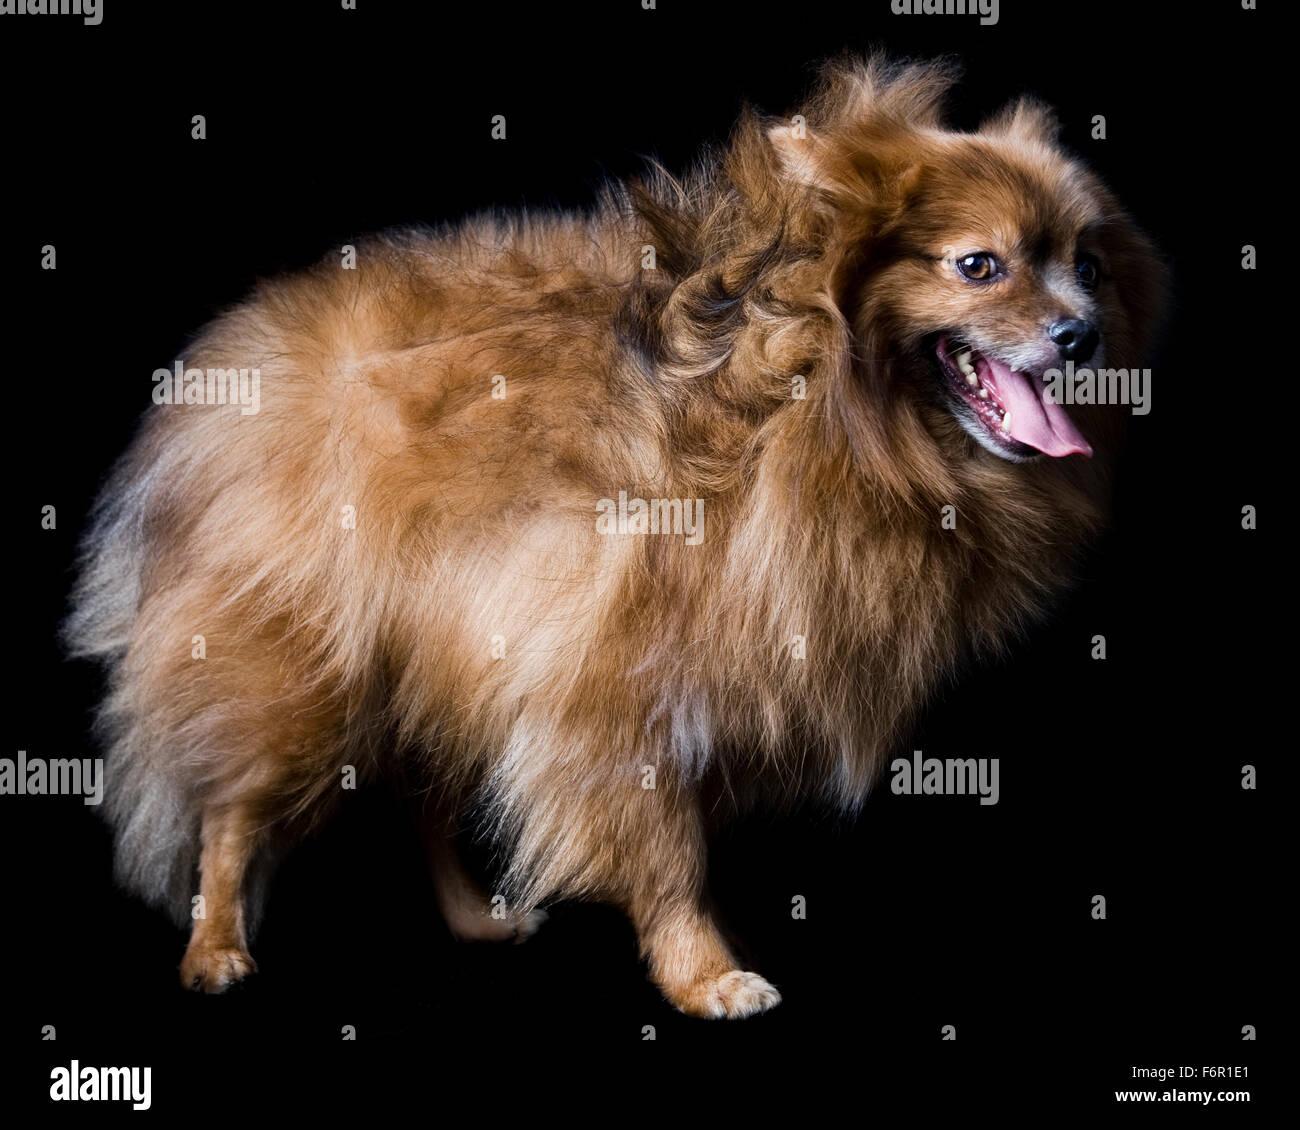 Brun souriant vent debout chien Pomeranian en studio sur fond noir Photo Stock